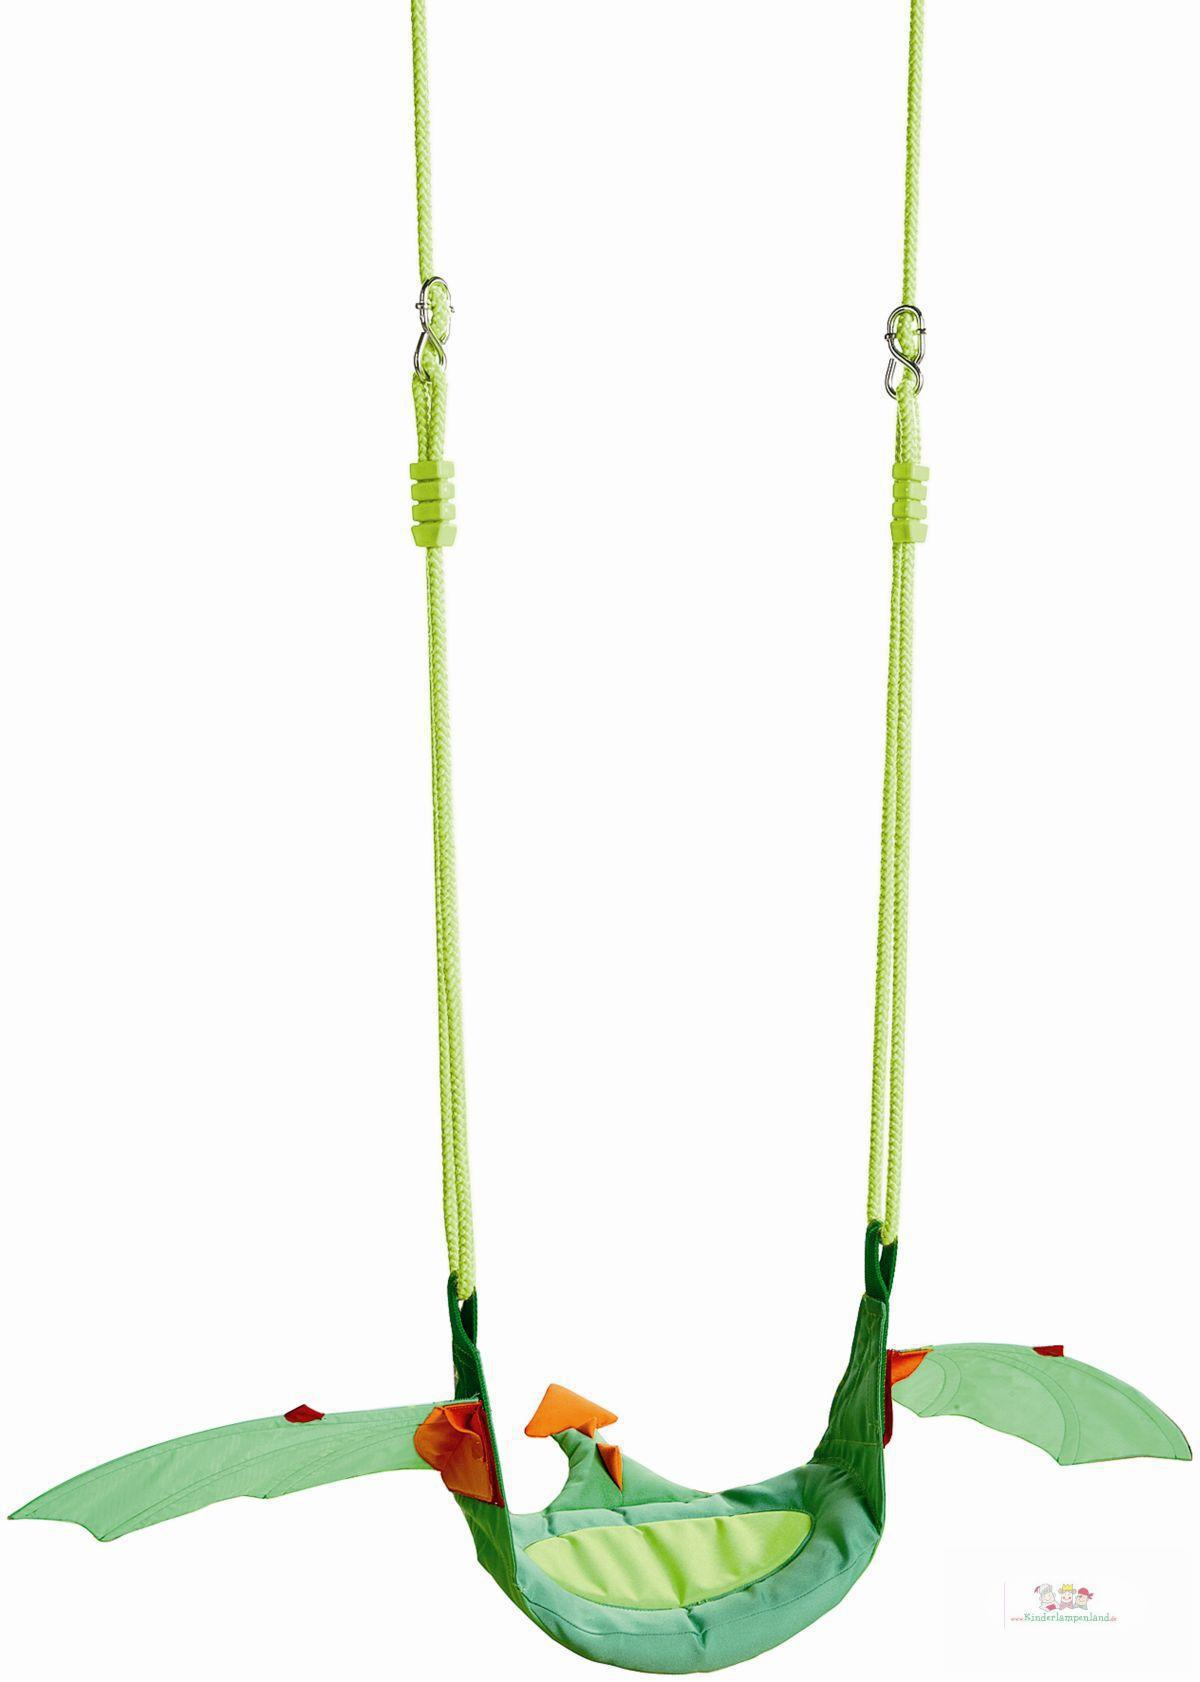 Haba Kinderschaukel Kleiner Drache grün | Spielzelte-Schaukeln ...